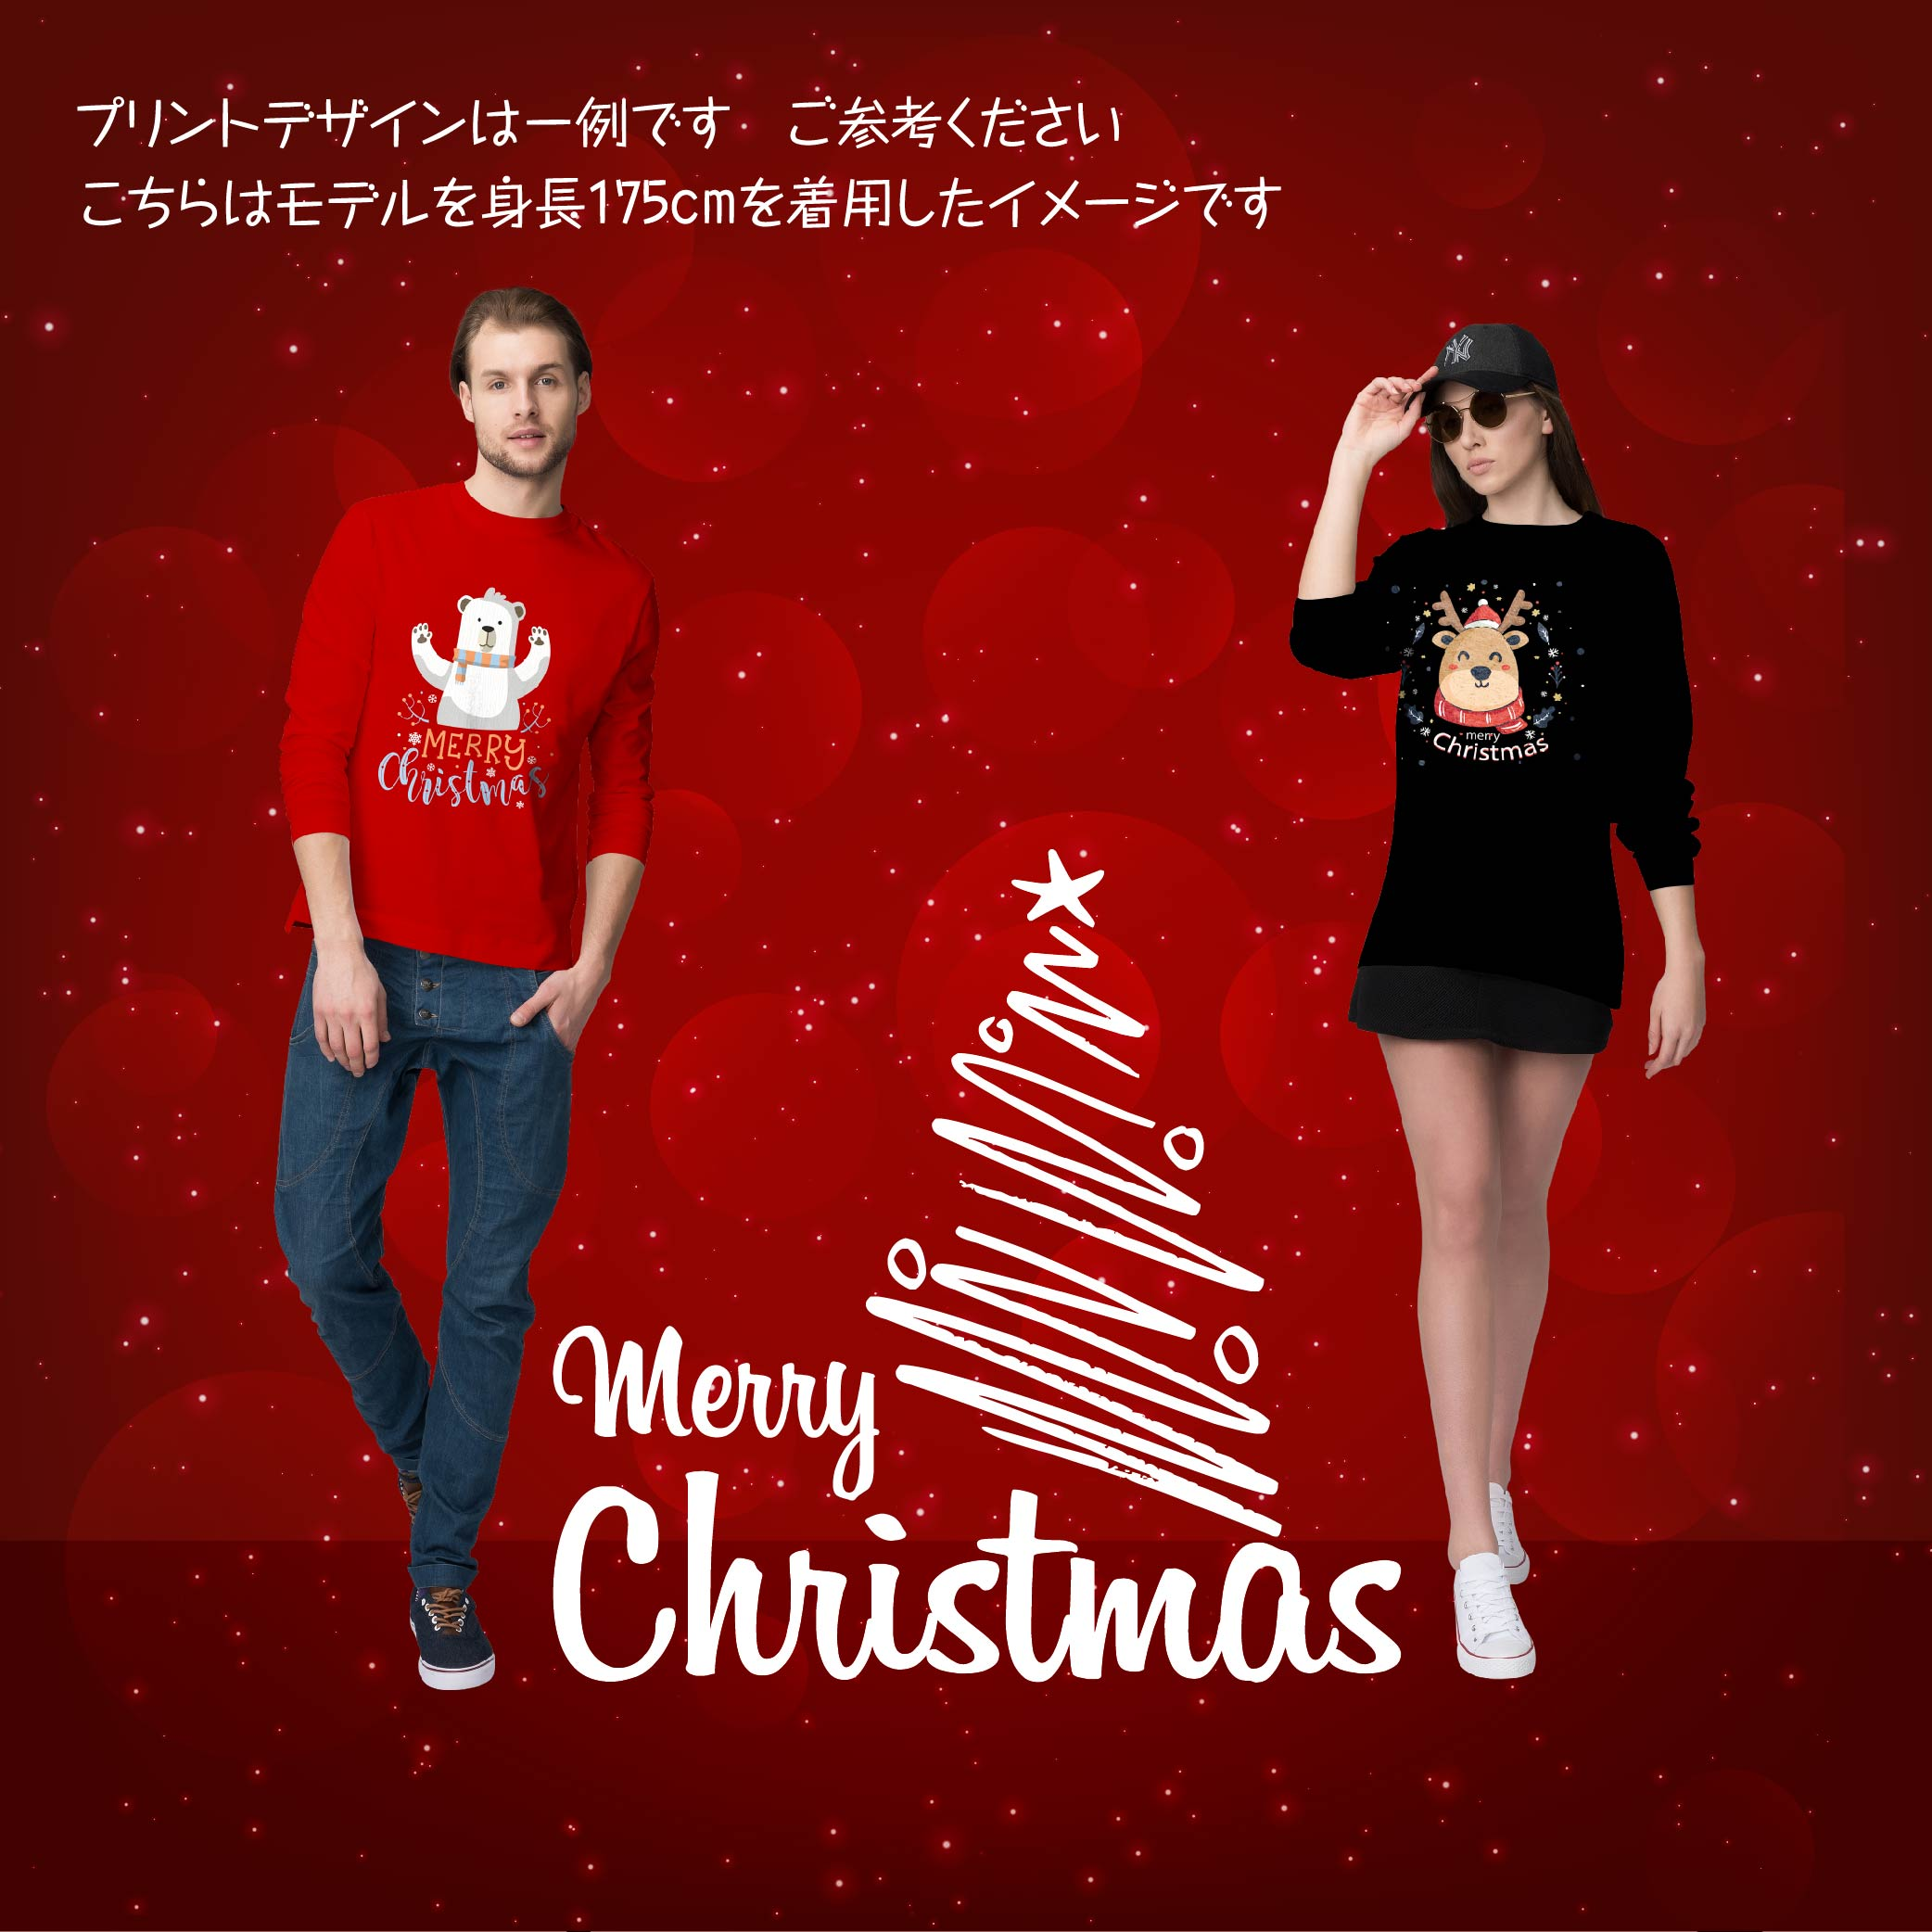 クリスマス tシャツ